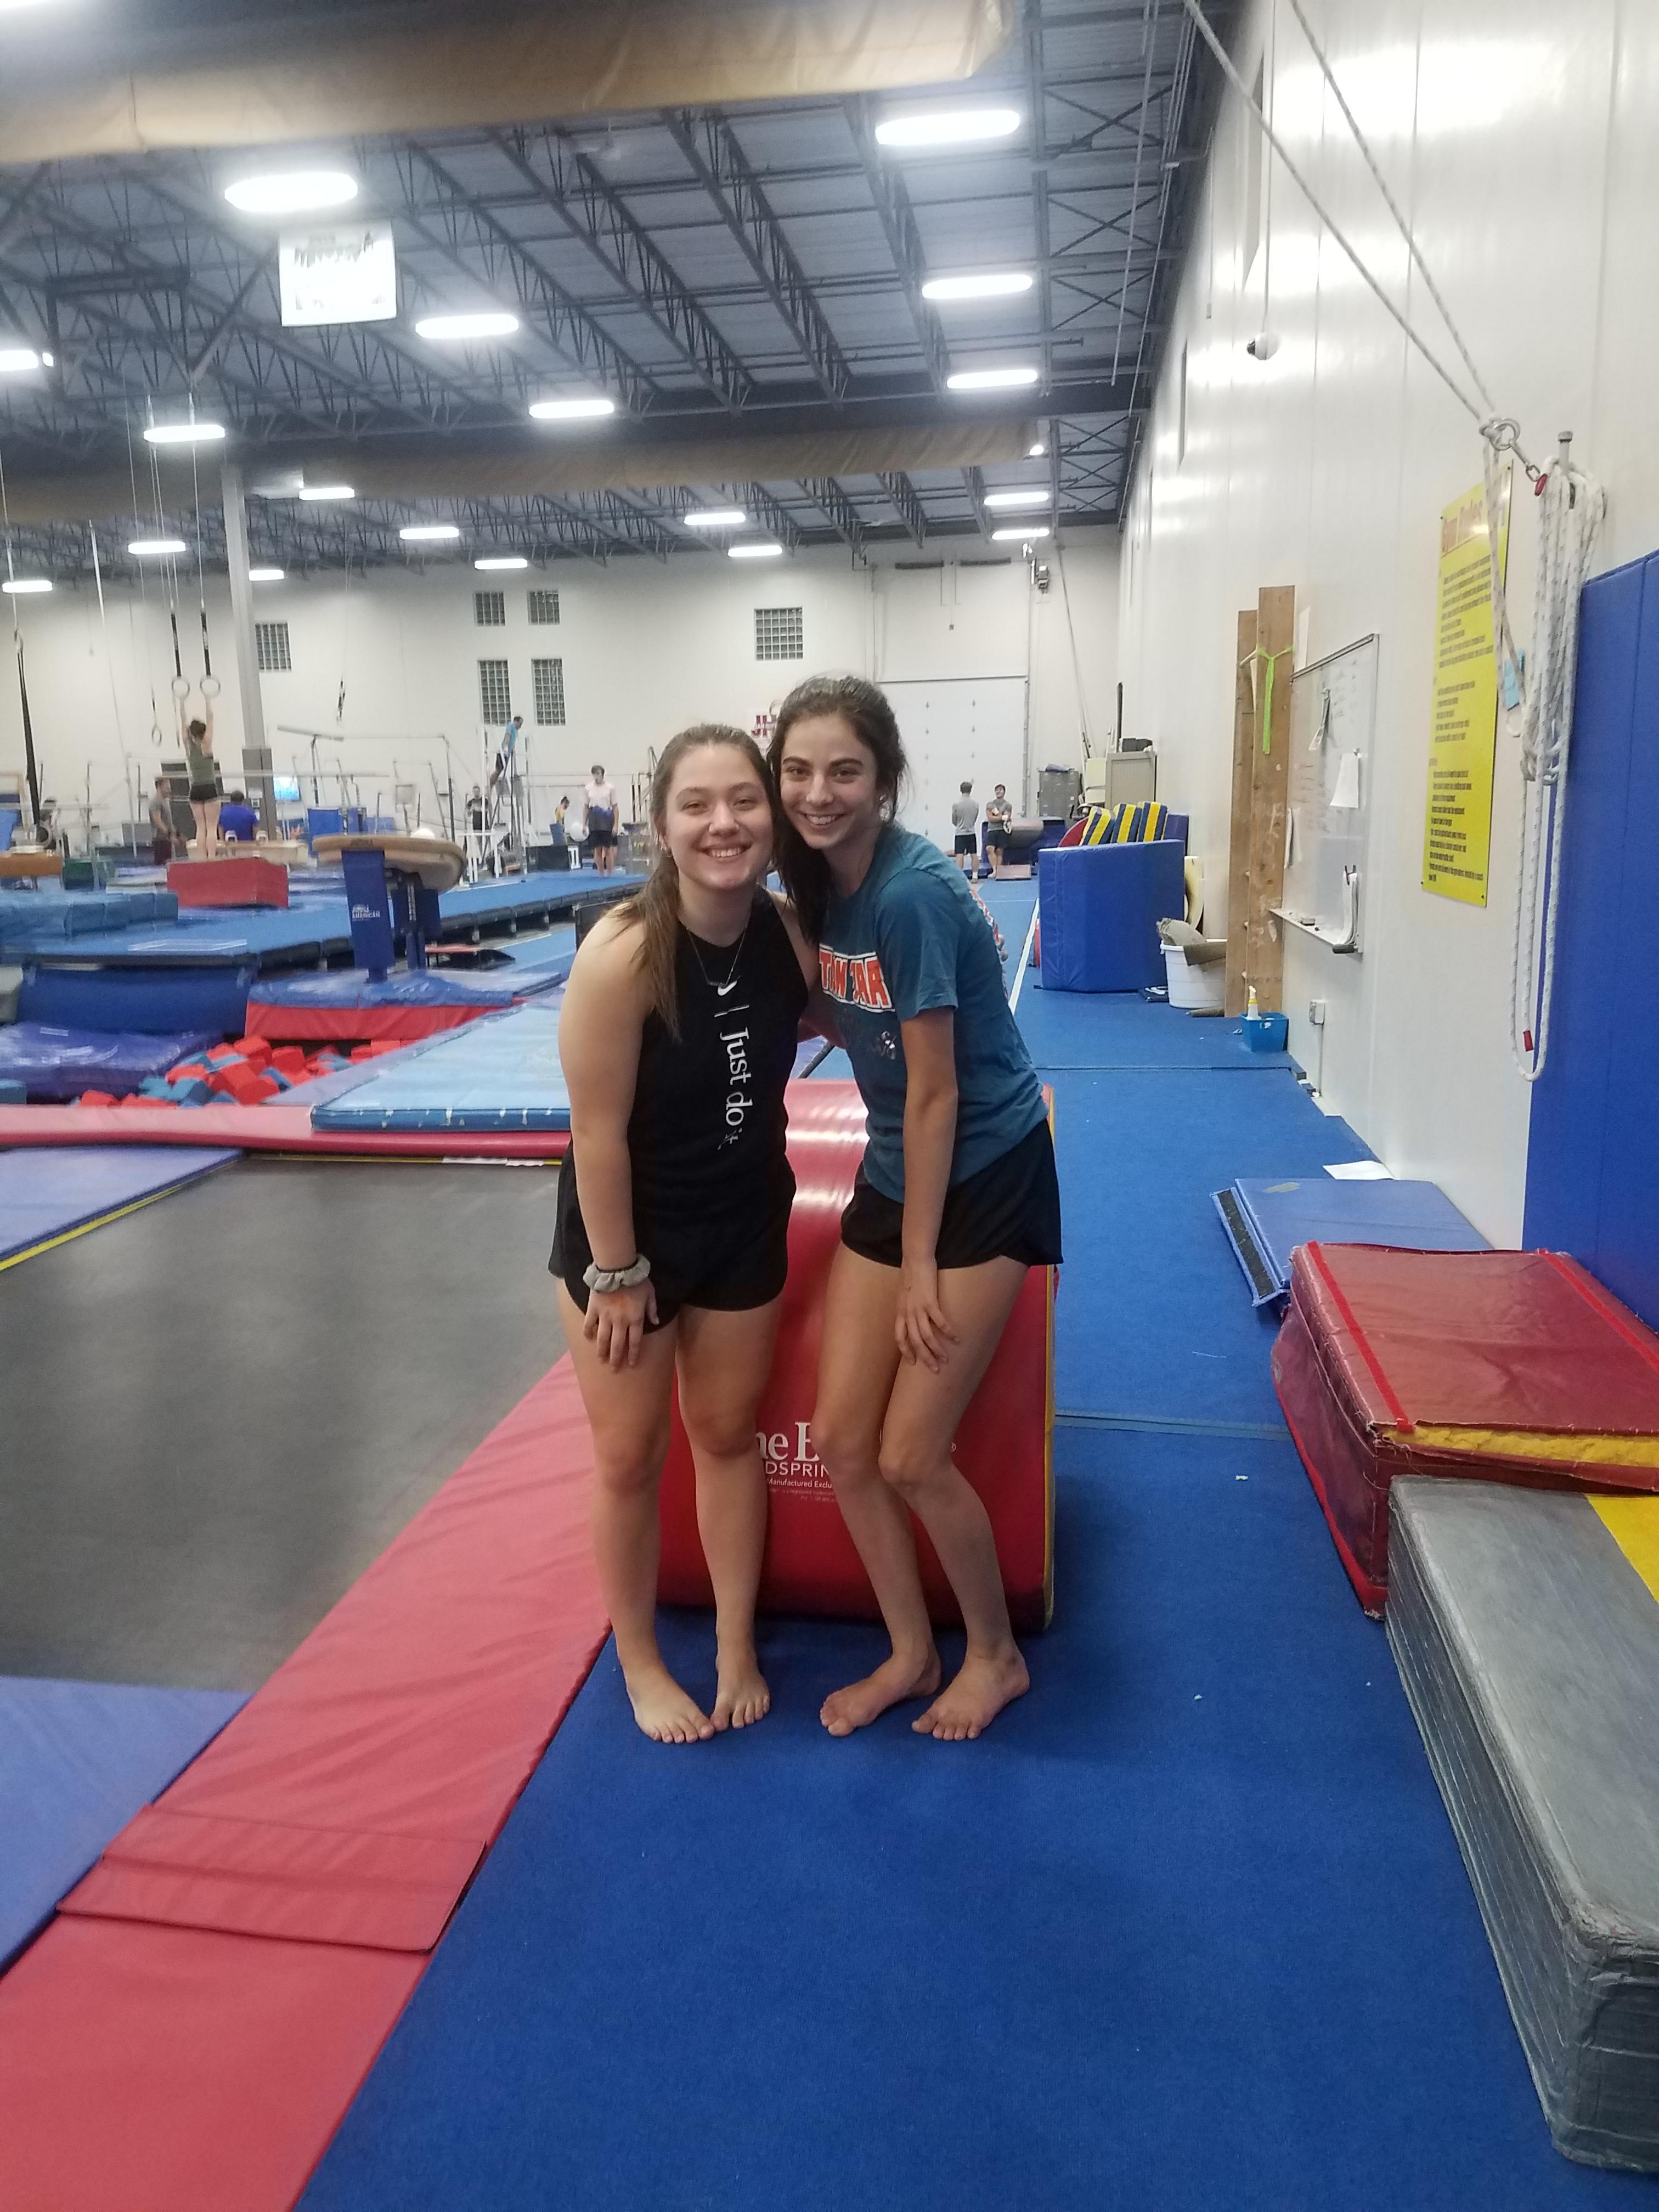 Two women enjoying open gym time